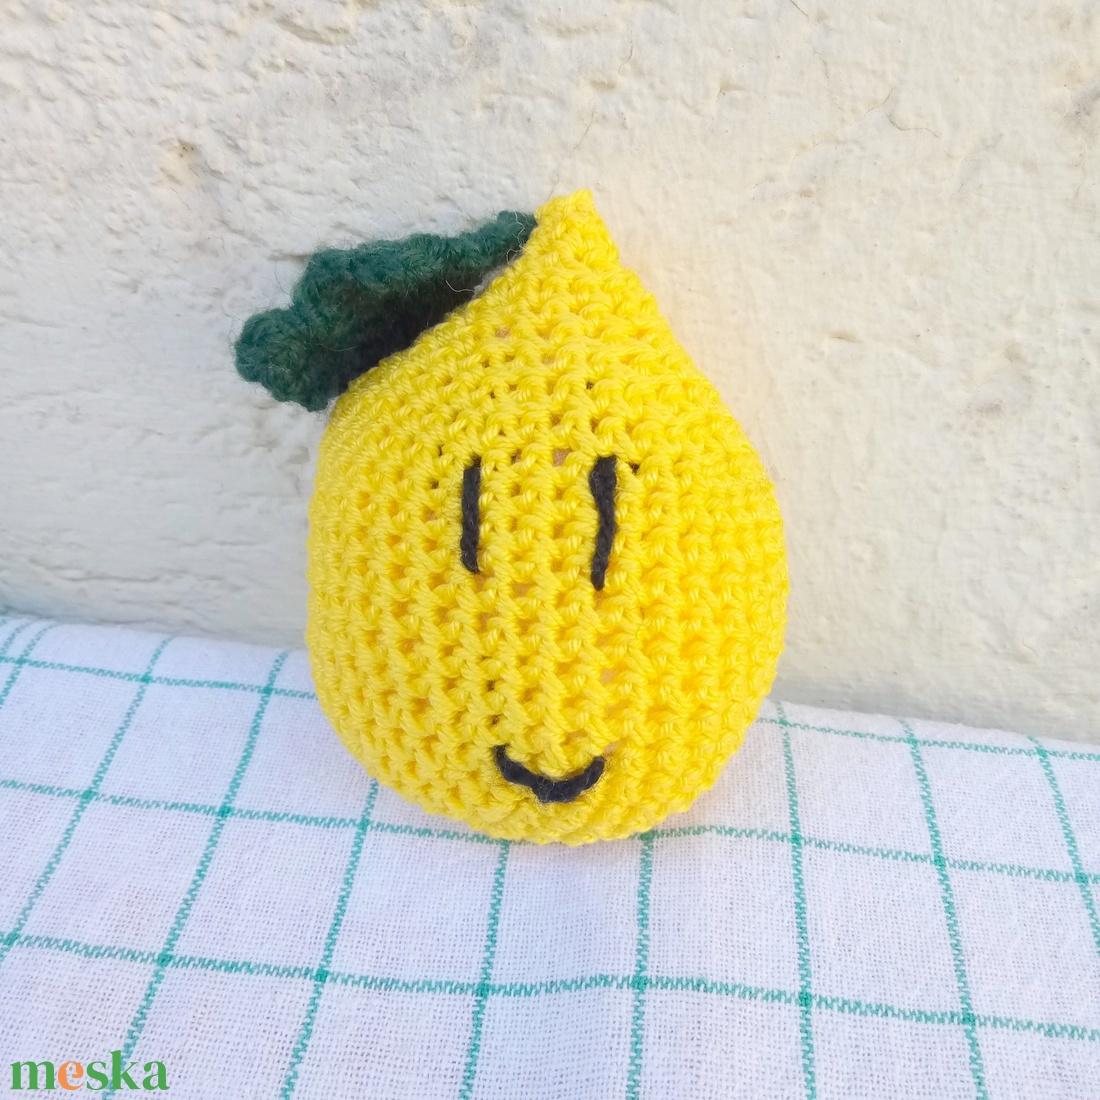 citrom - vidám horgolt gyümölcsök kollekció - játék & gyerek - plüssállat & játékfigura - más figura - Meska.hu